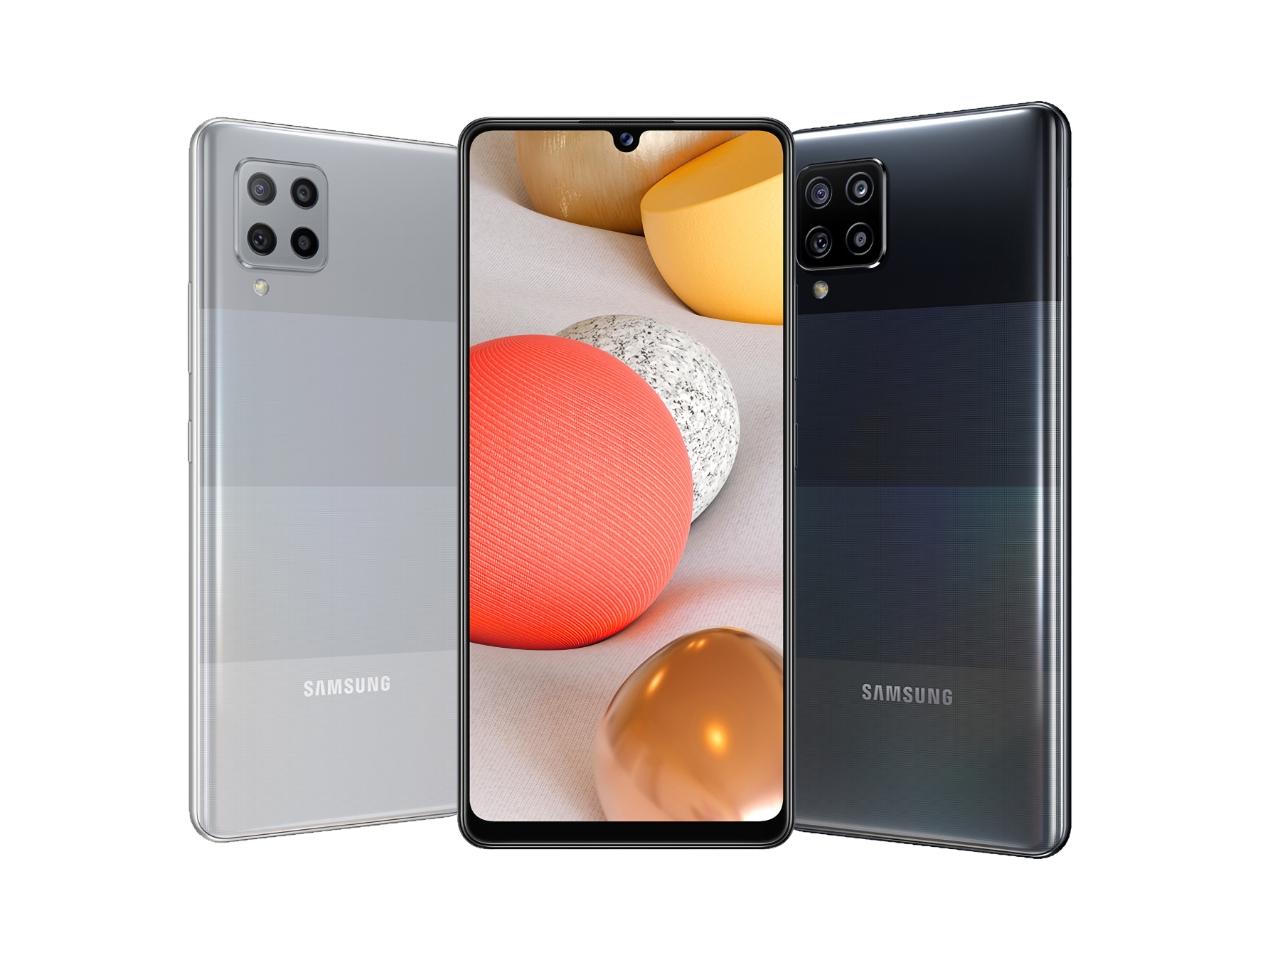 Samsung Galaxy M42 станет первым смартфоном M-серии, который получит 5G